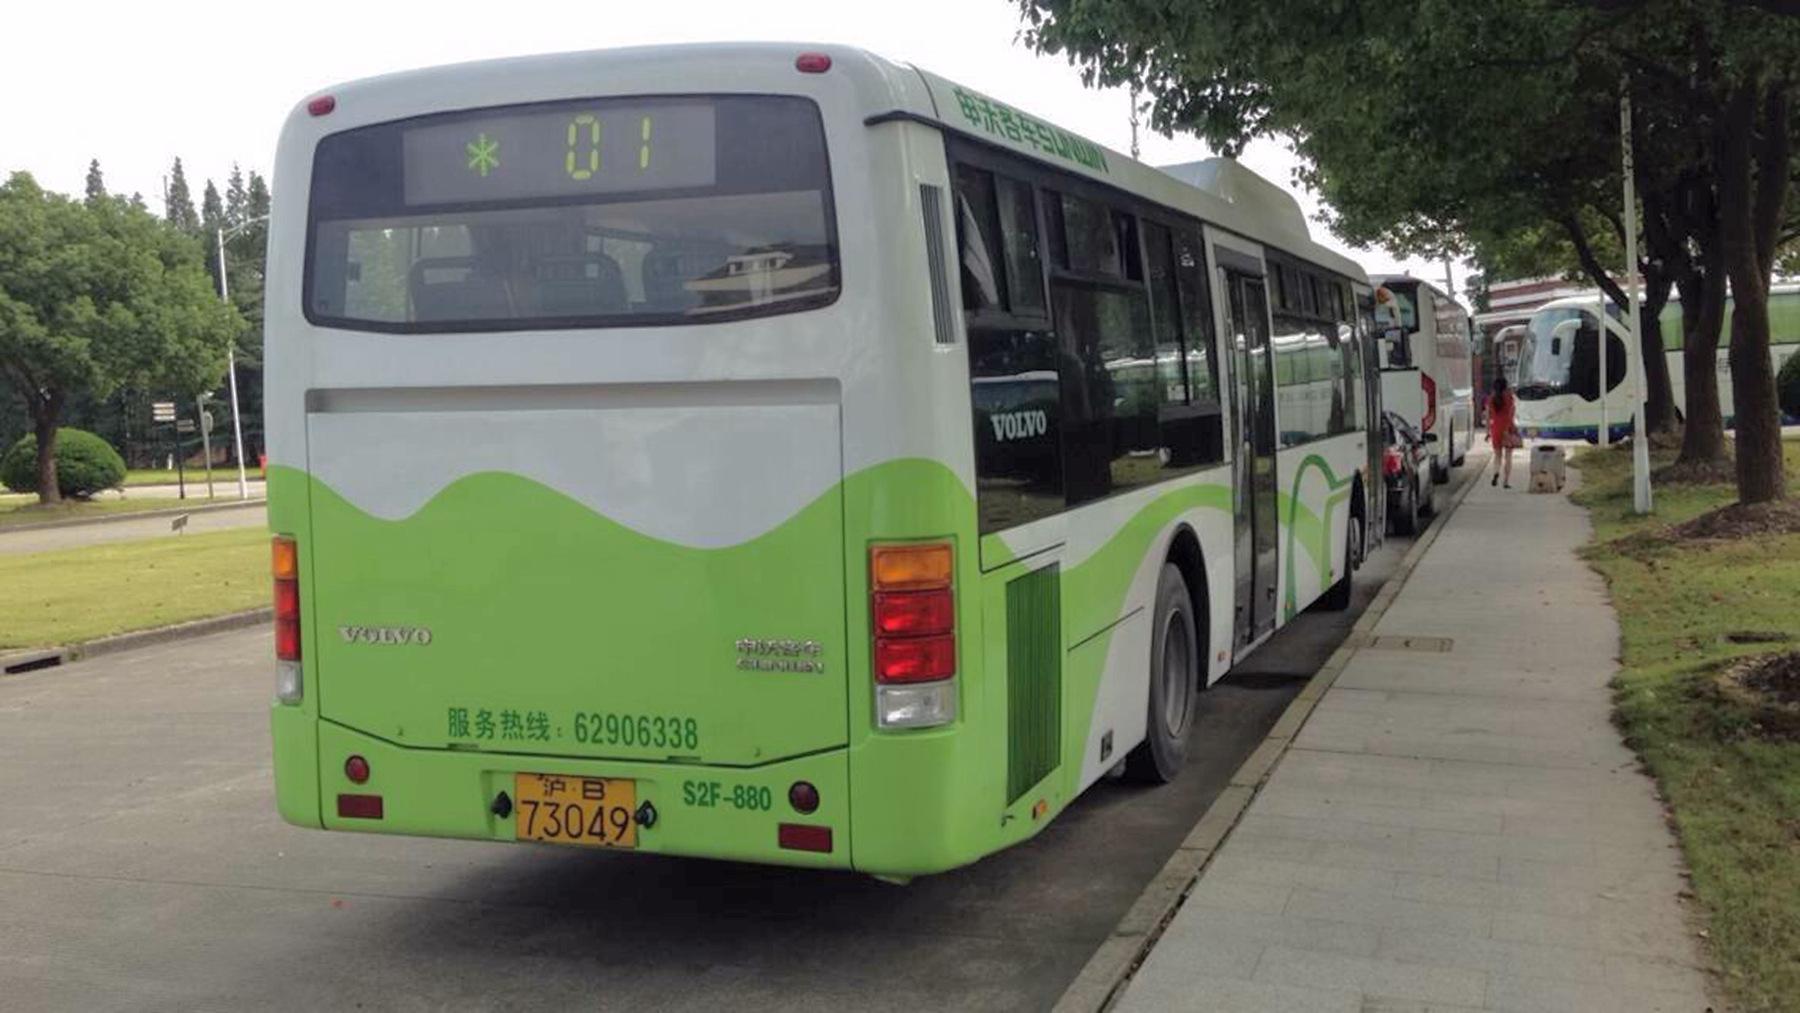 请p图高手将图一中的公交车涂装中绿色部分变成橙色,注意,尾灯和下方